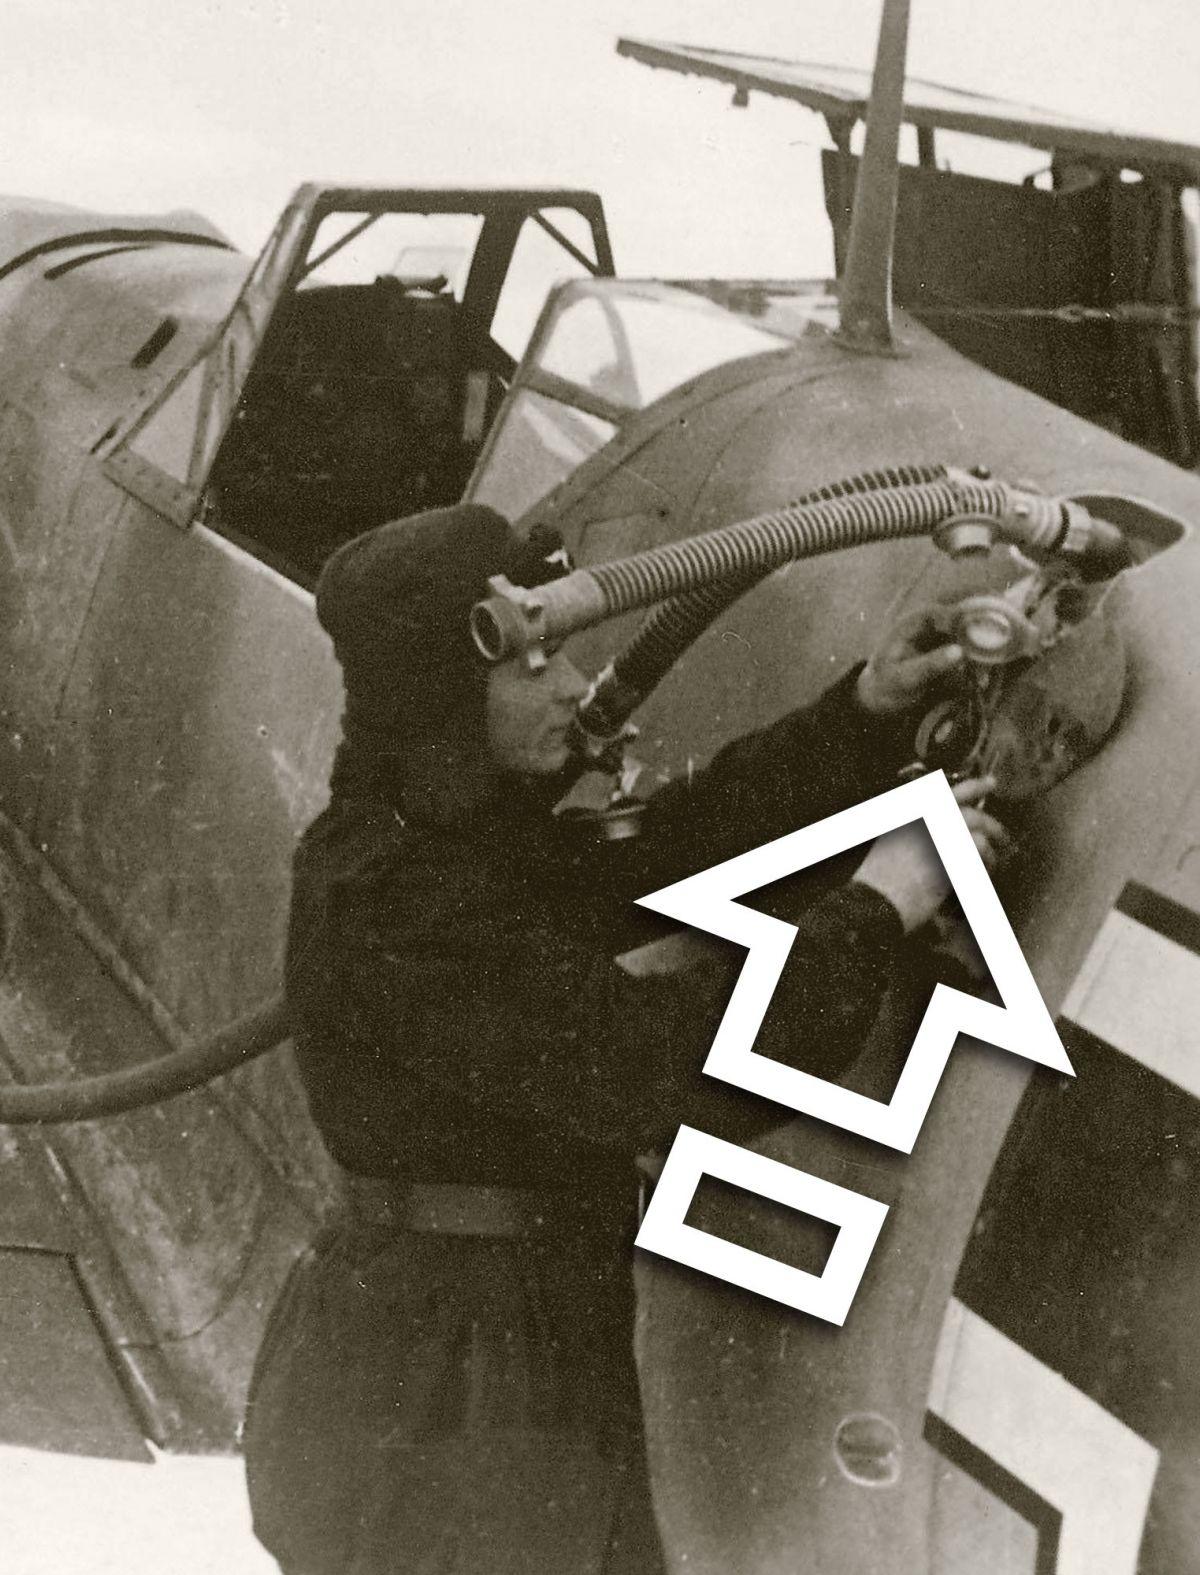 MESSERSCHMITT Bf 109 MAIN TANK, VENTILATED FUEL CAP